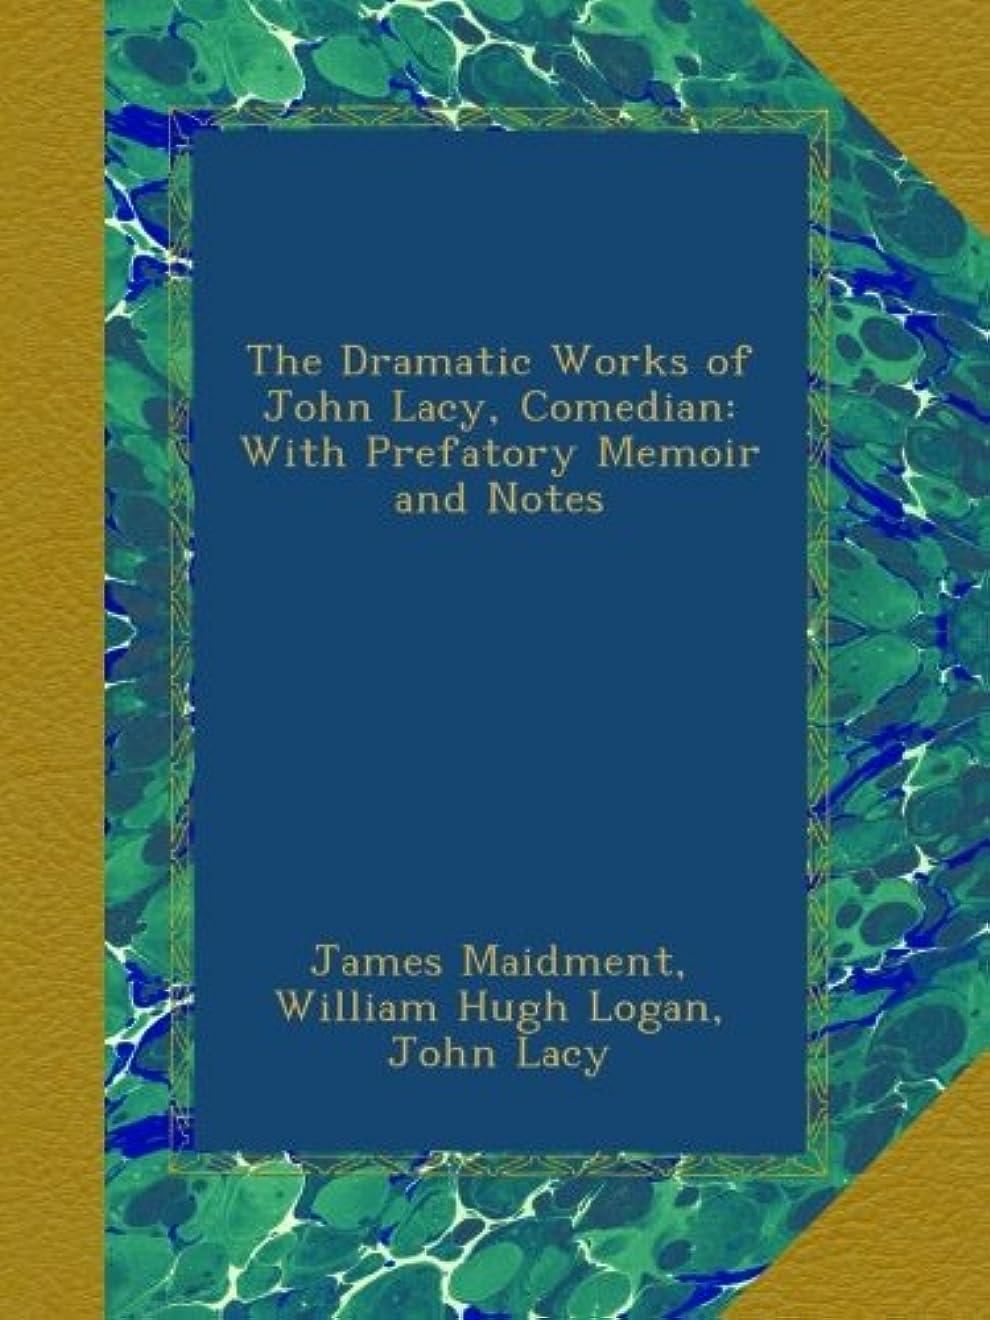 増幅器価値のない中毒The Dramatic Works of John Lacy, Comedian: With Prefatory Memoir and Notes